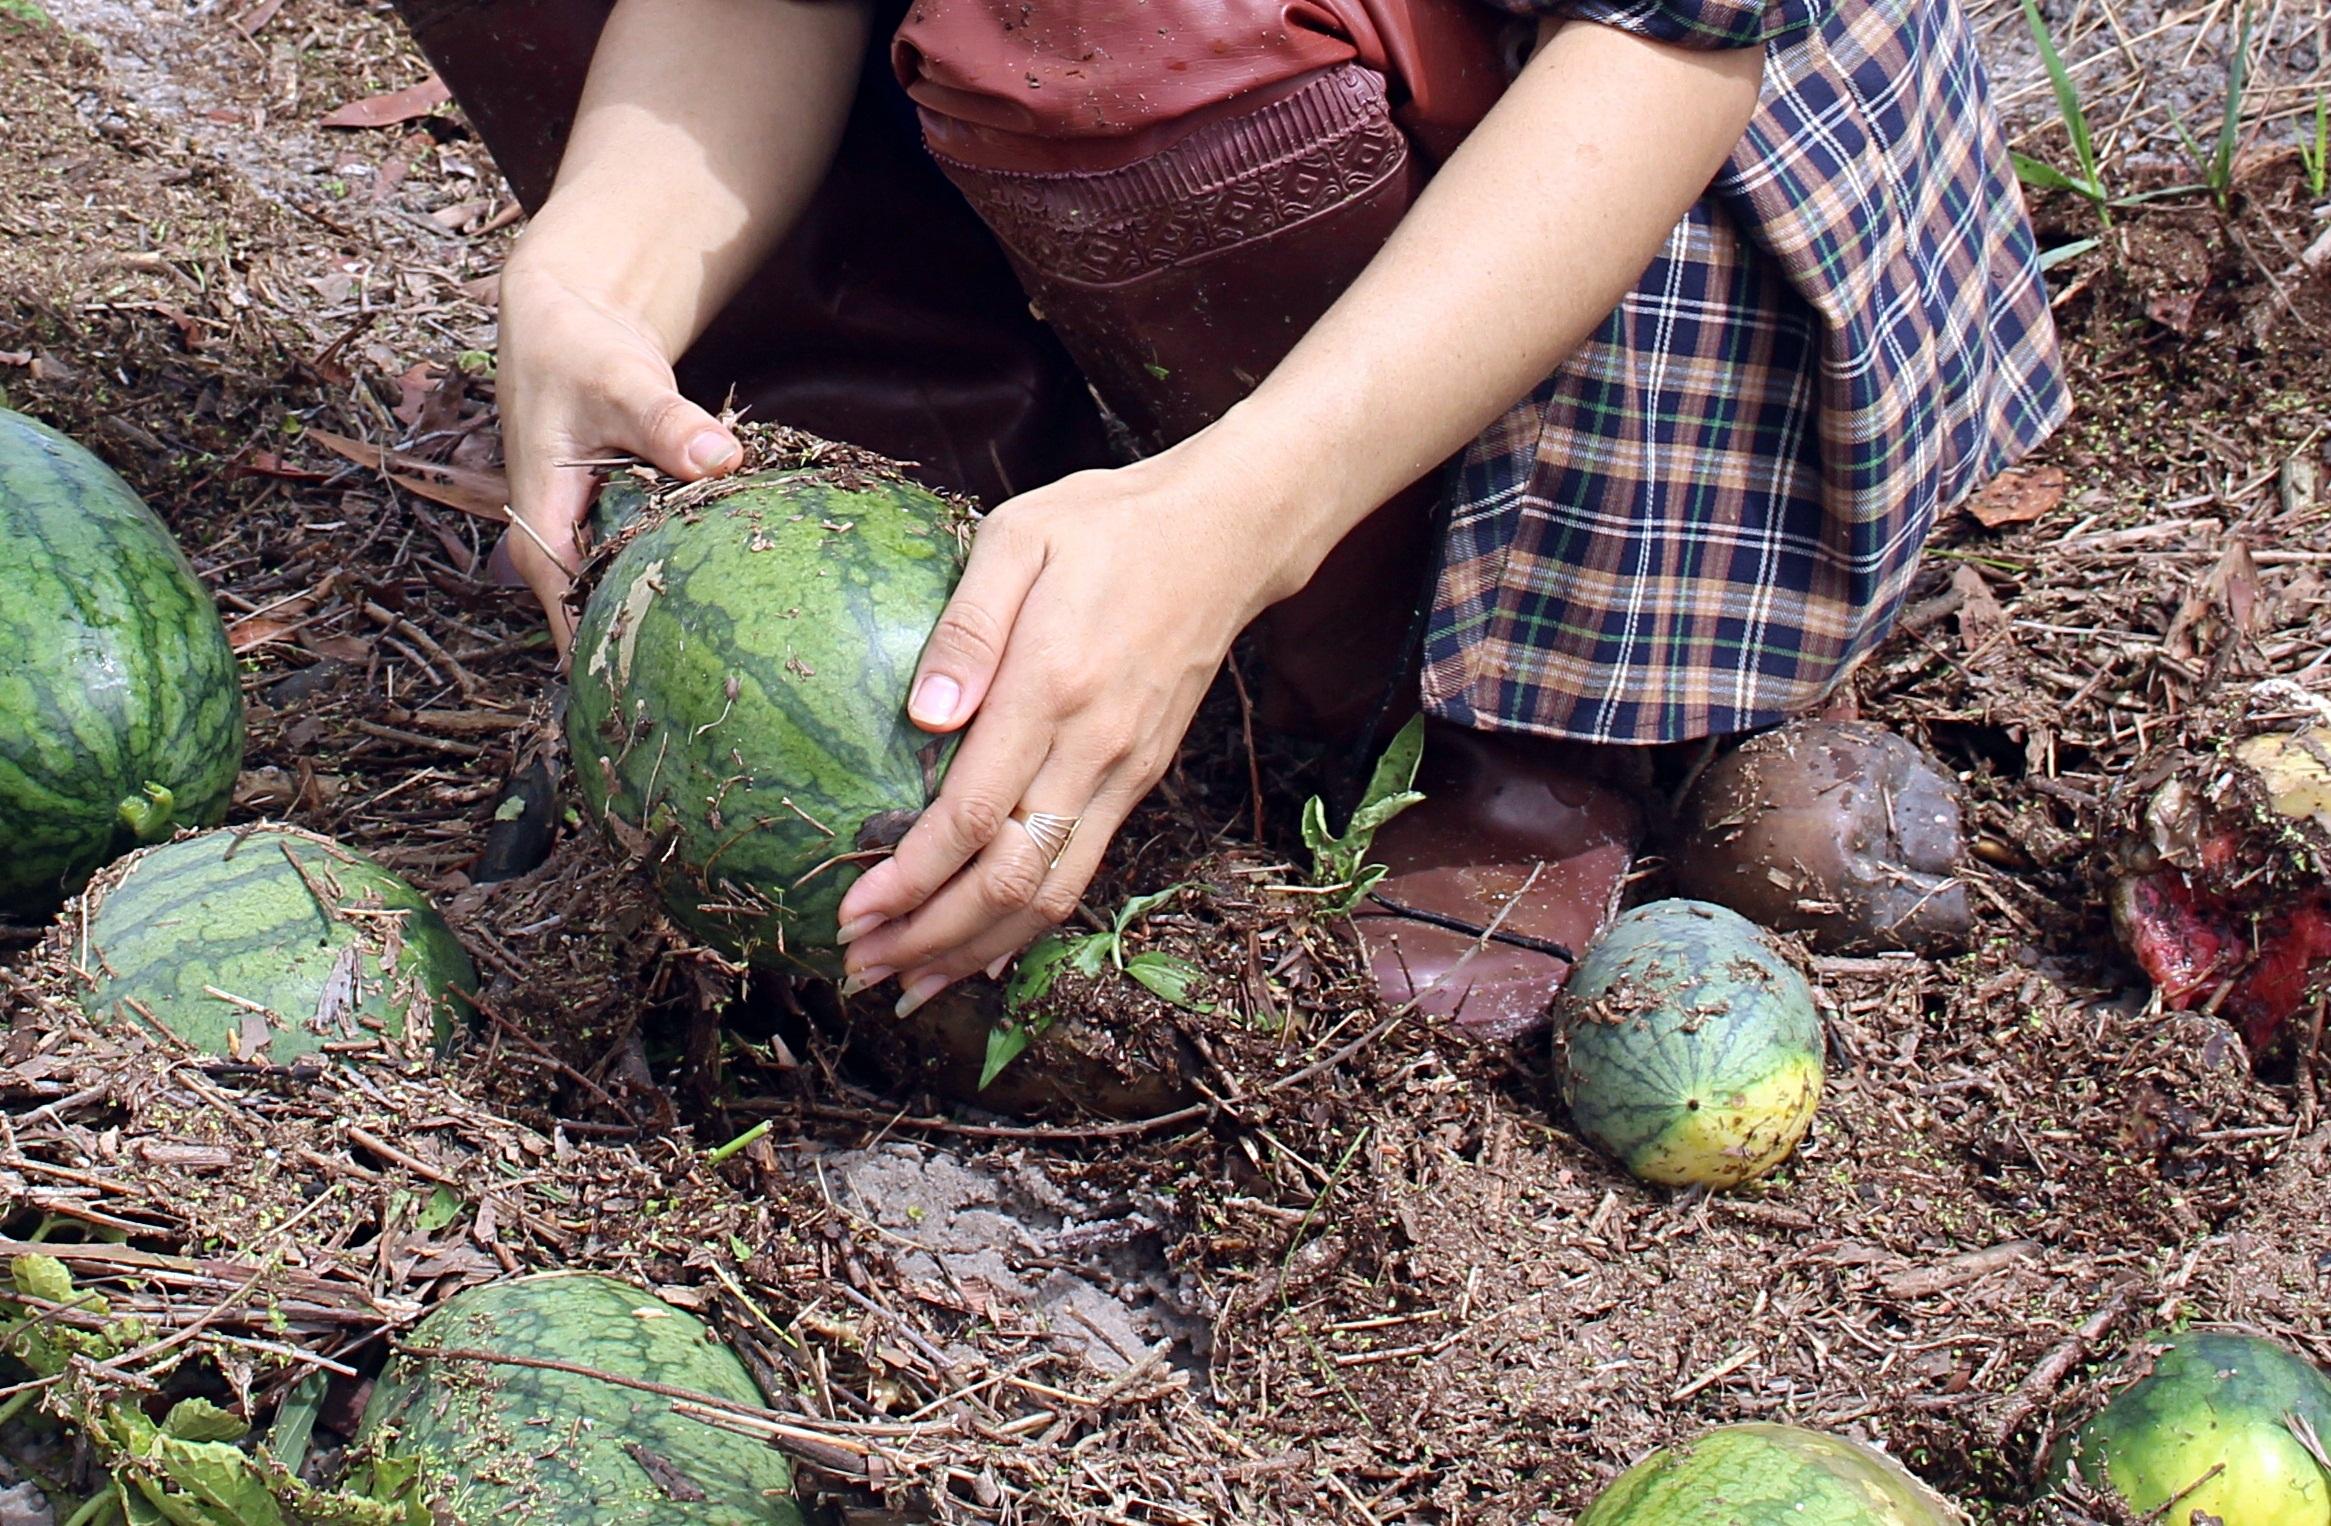 Trắng tay sau cơn bão số 4, hàng trăm nông dân ở Quảng Trị đổ dưa hấu cho gà vịt ăn - Ảnh 10.